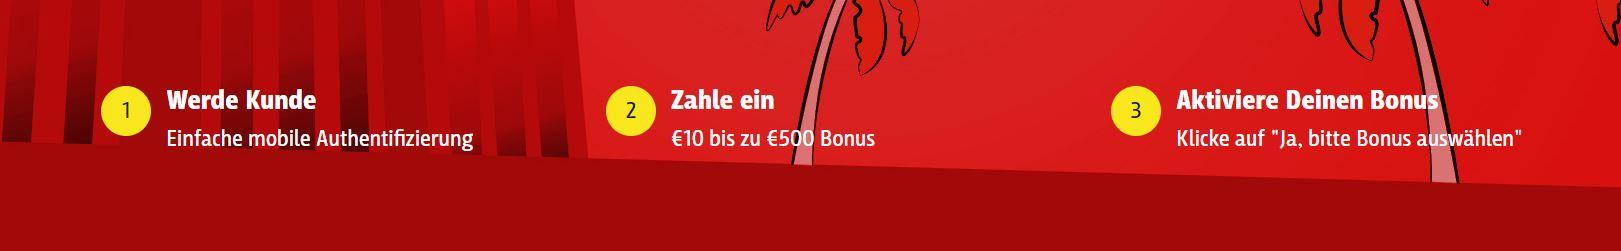 blitzino claim bonus